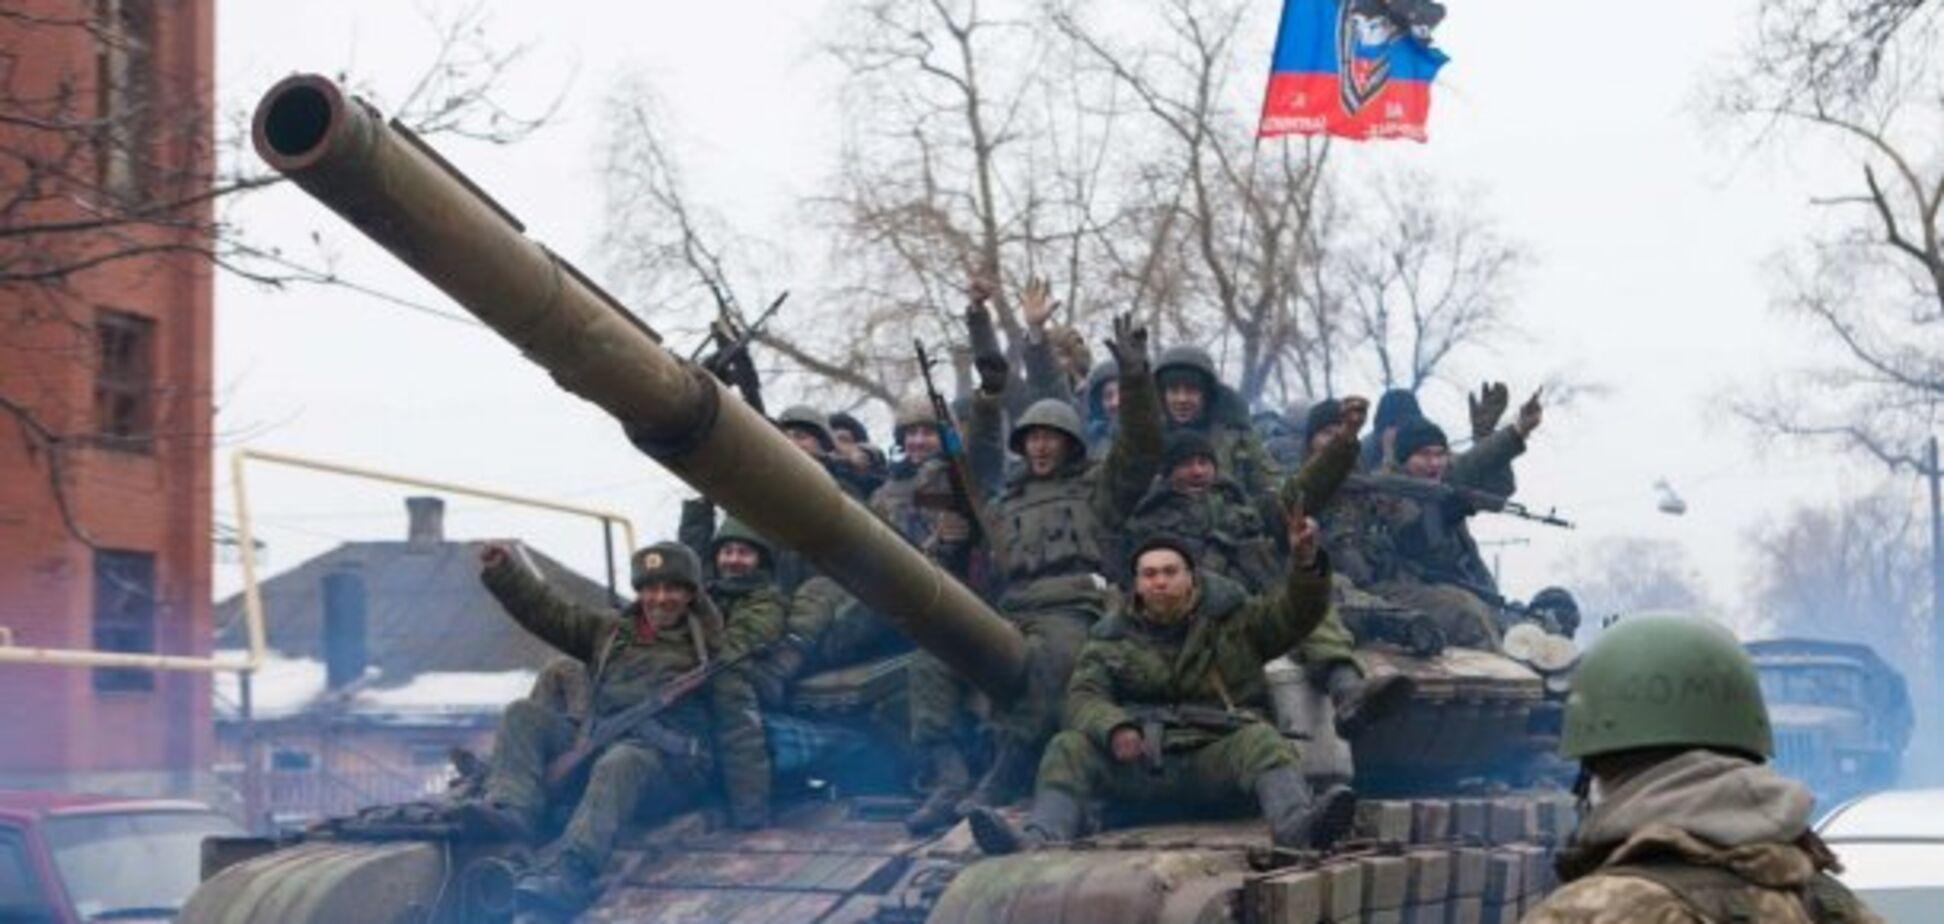 'Нужна экспансия на запад': экс-главарь 'ДНР' пригрозил Украине большой войной